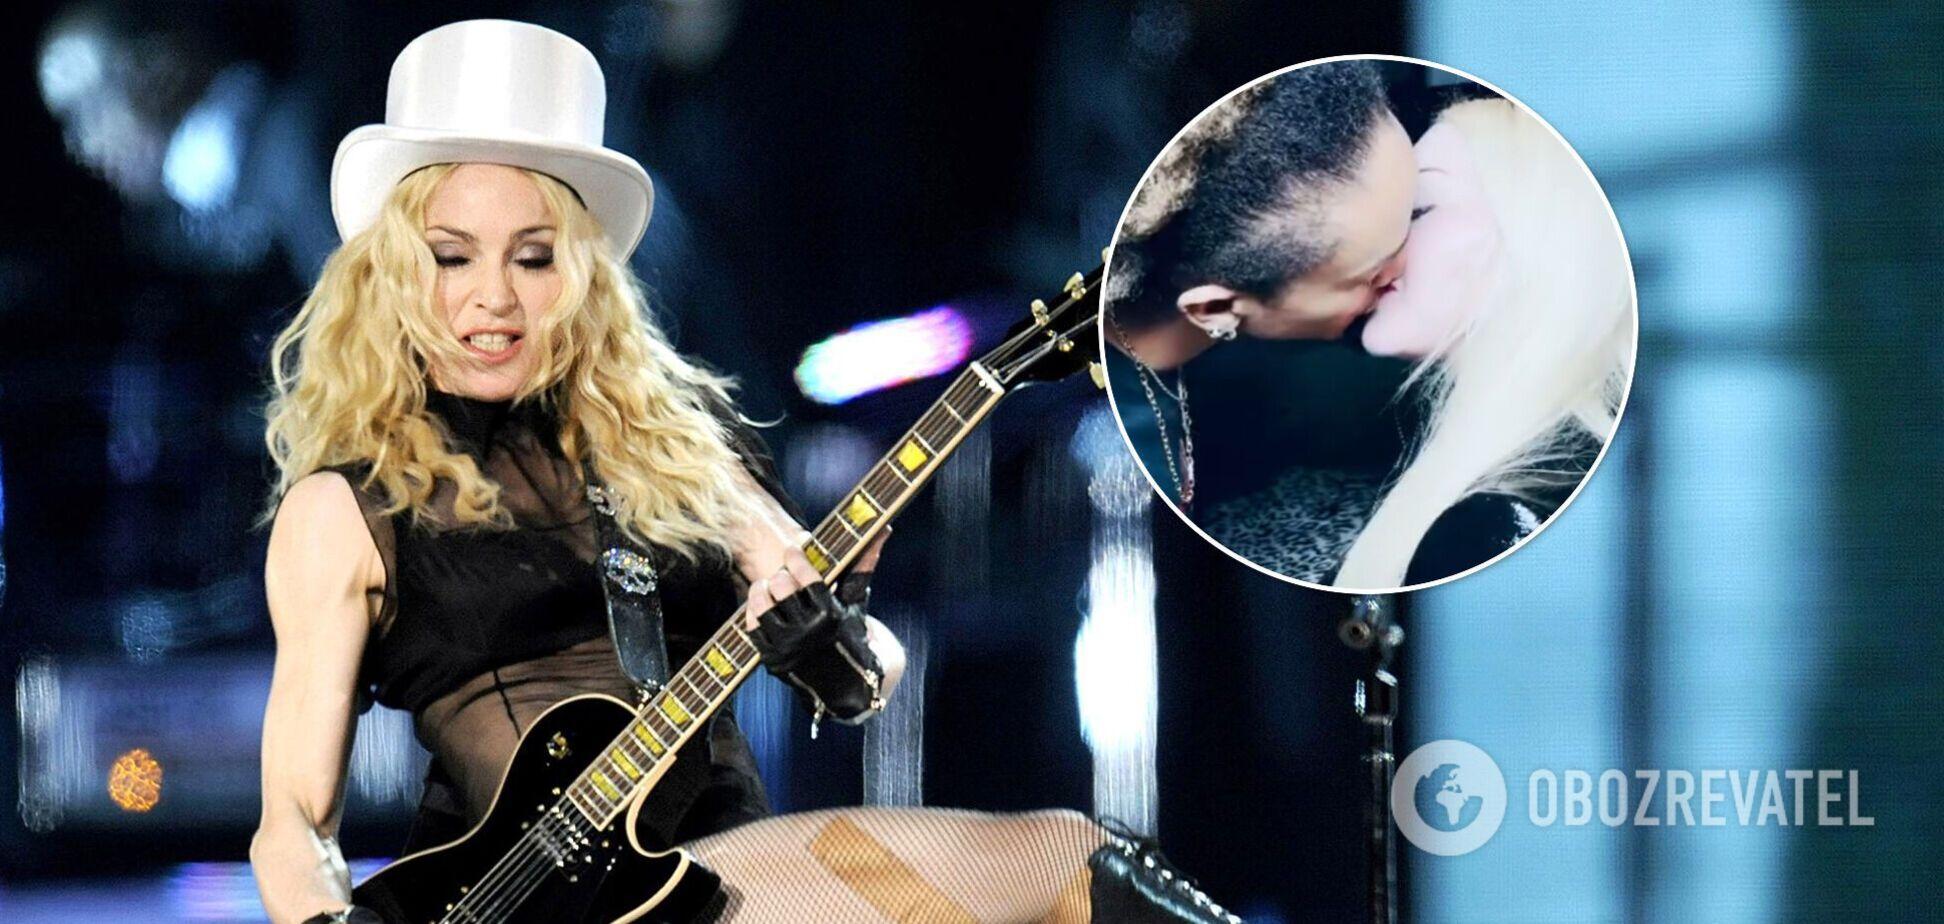 62-річна Мадонна в зухвалому образі поцілувалася з 26-річним бойфрендом. Фото і відео